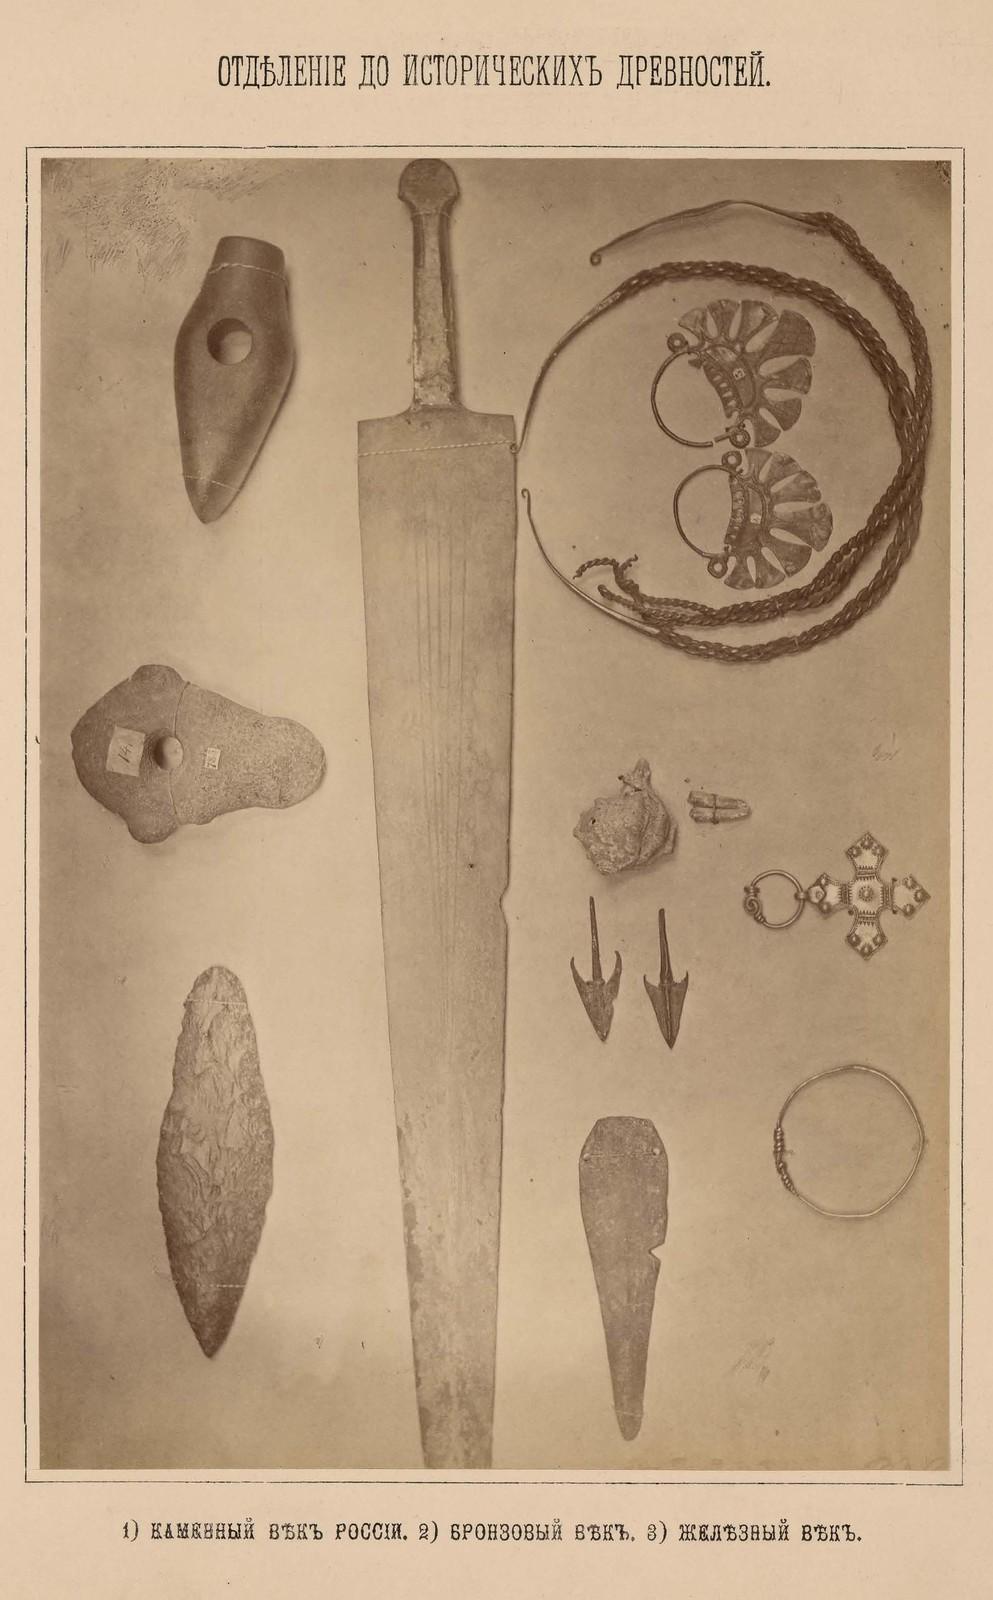 37. Отделение доисторических древностей. Каменный век России, Бронзовый век, Железный век